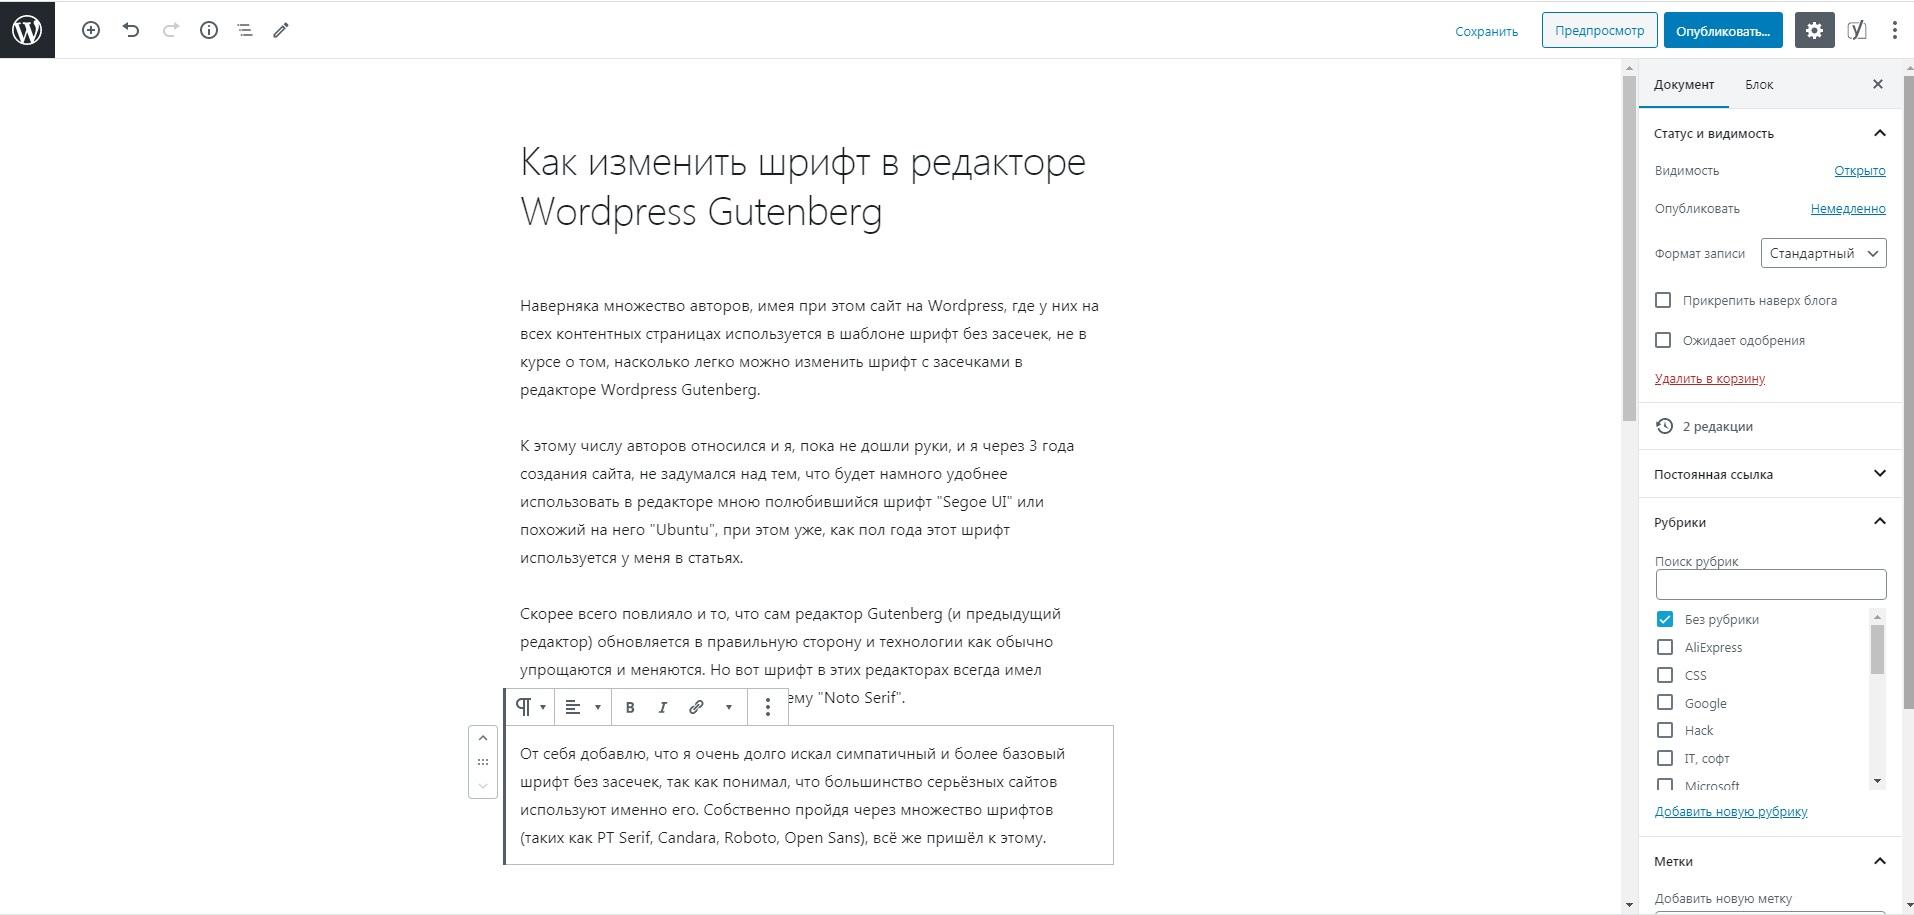 Как изменить шрифт в редакторе Wordpress Gutenberg? 1 - lenium.ru